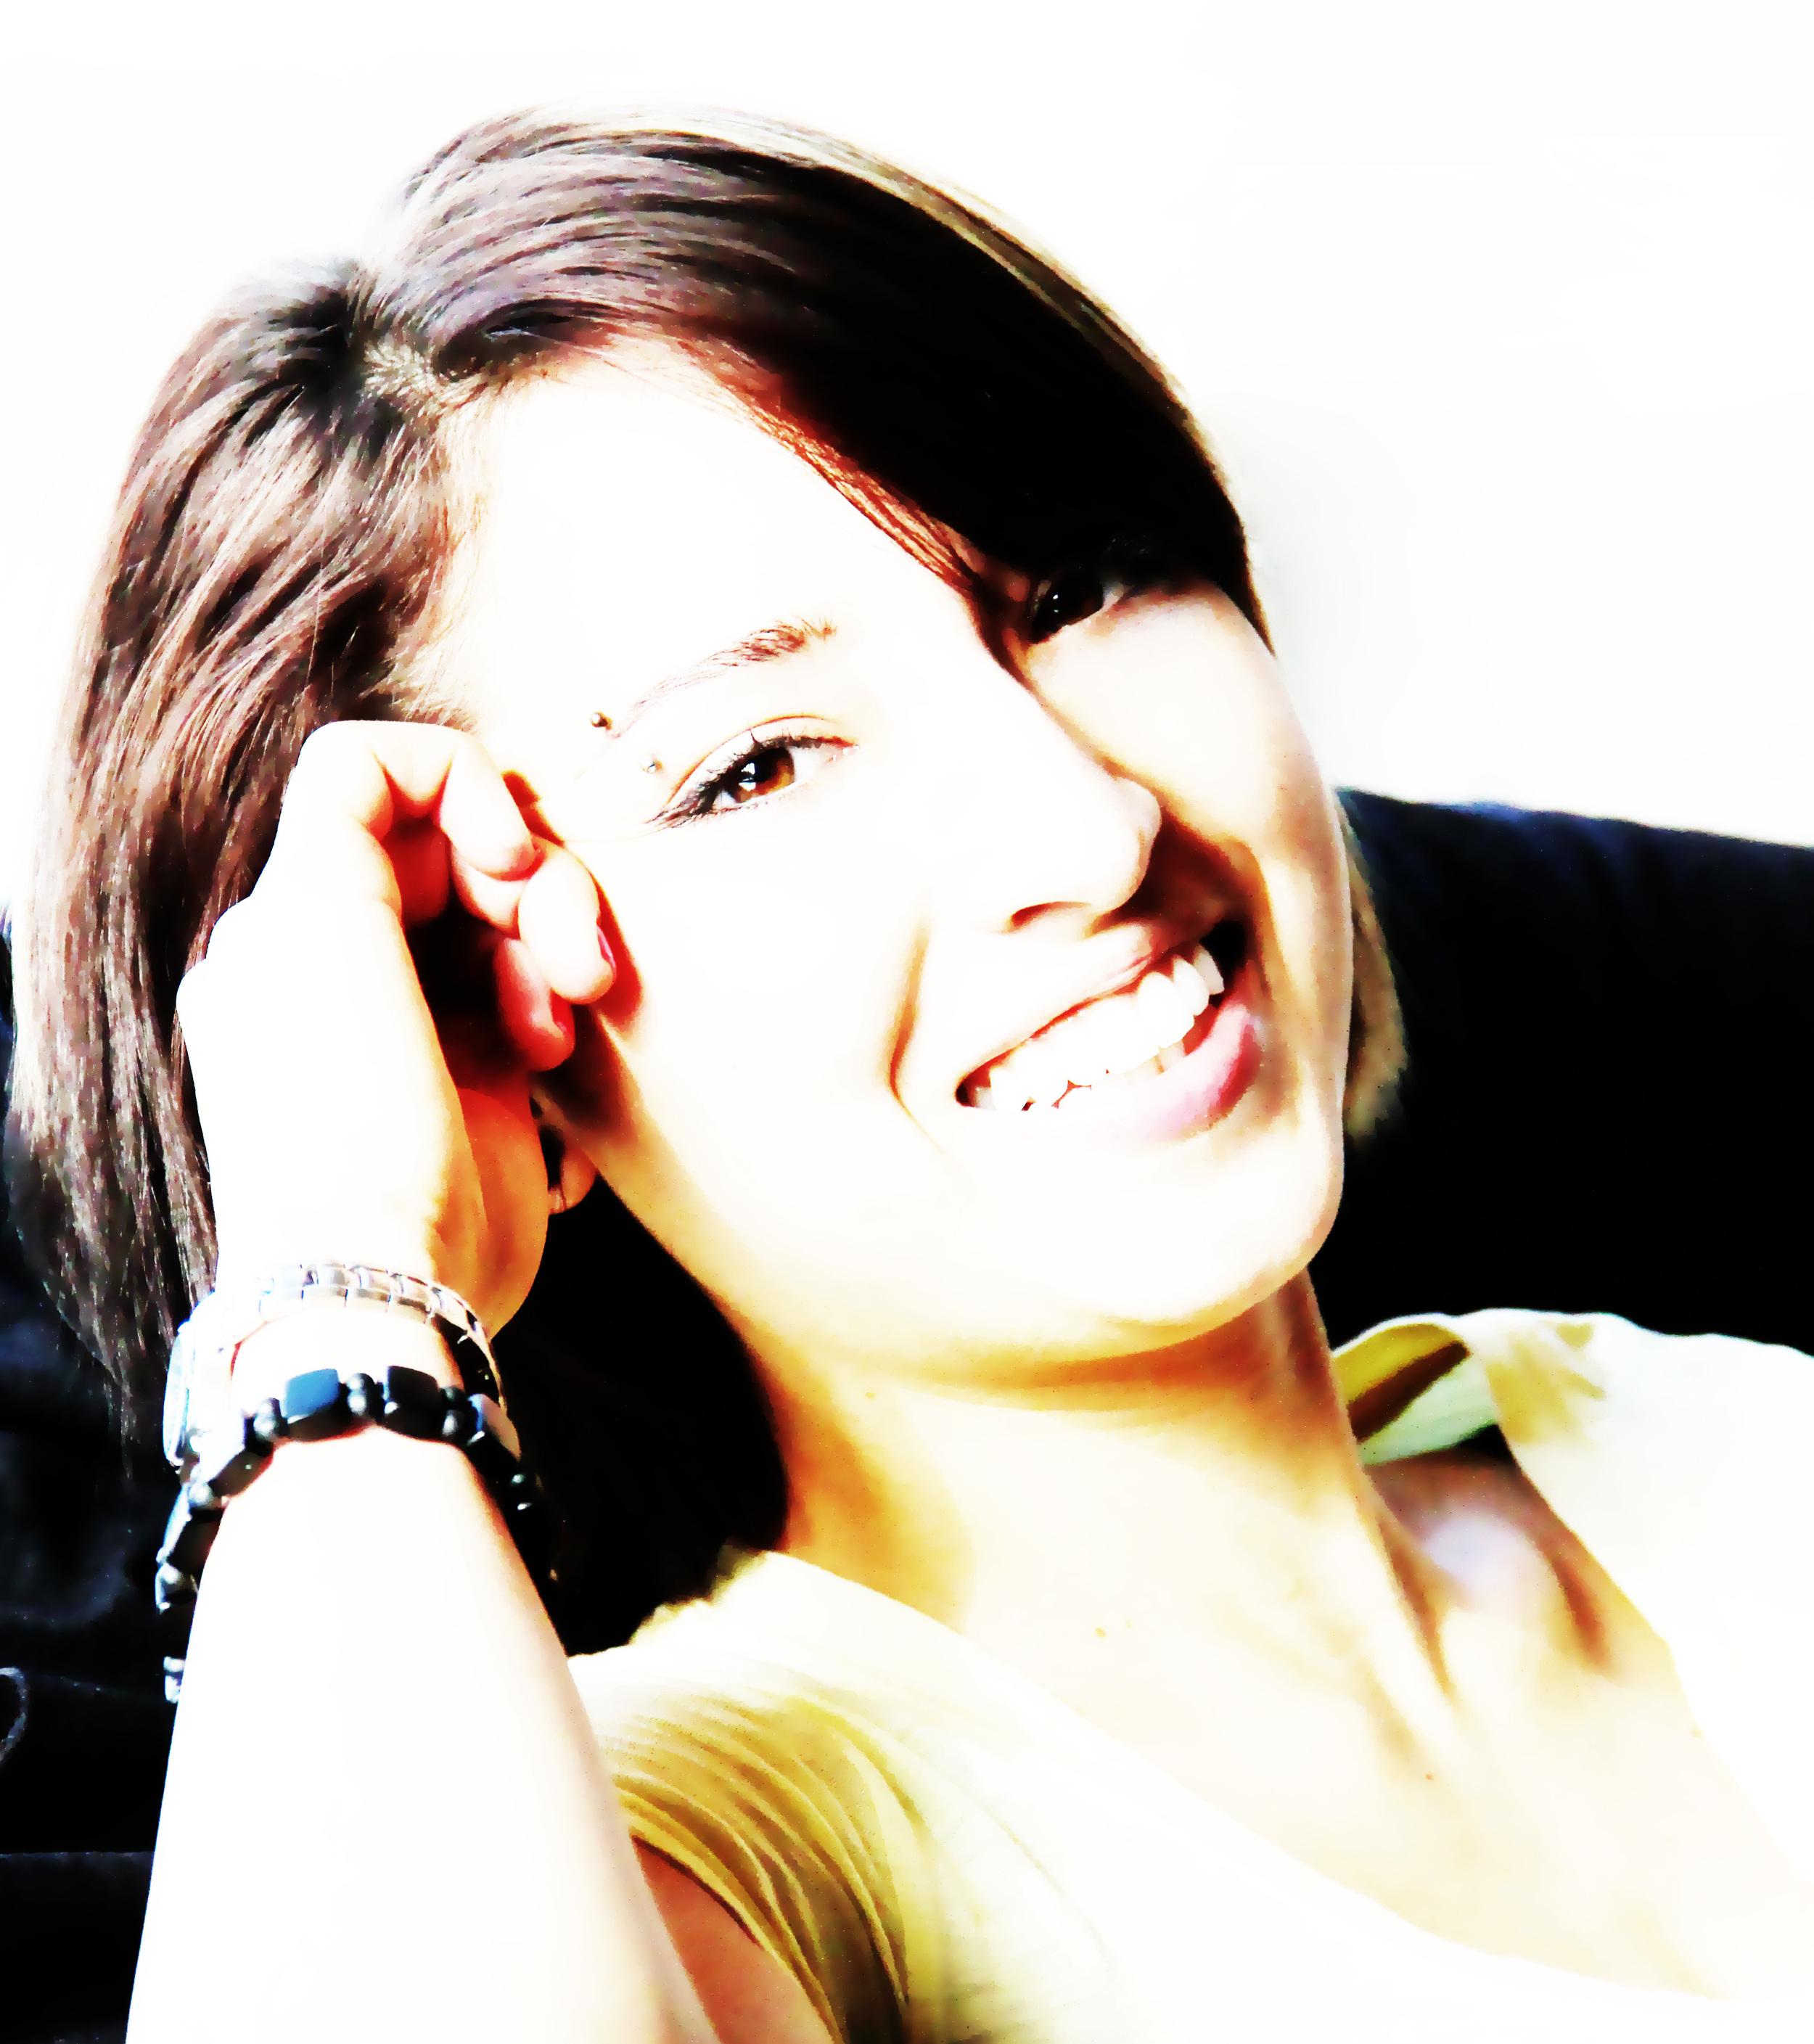 Concetta smiles